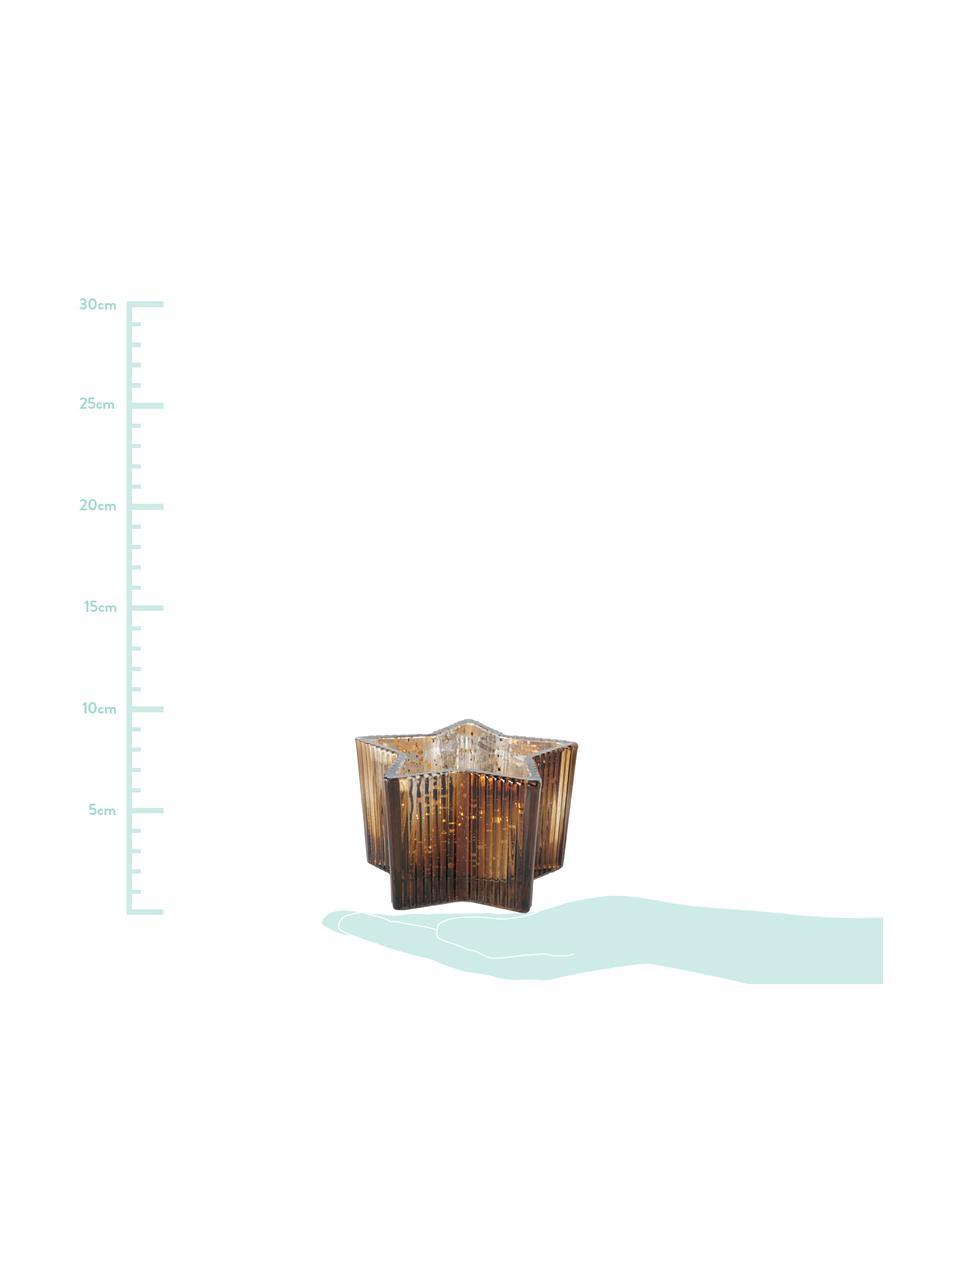 Komplet świeczników na podgrzewacze Imelo, 2 elem., Szkło lakierowane, Szary, brązowy, Ø 11 cm